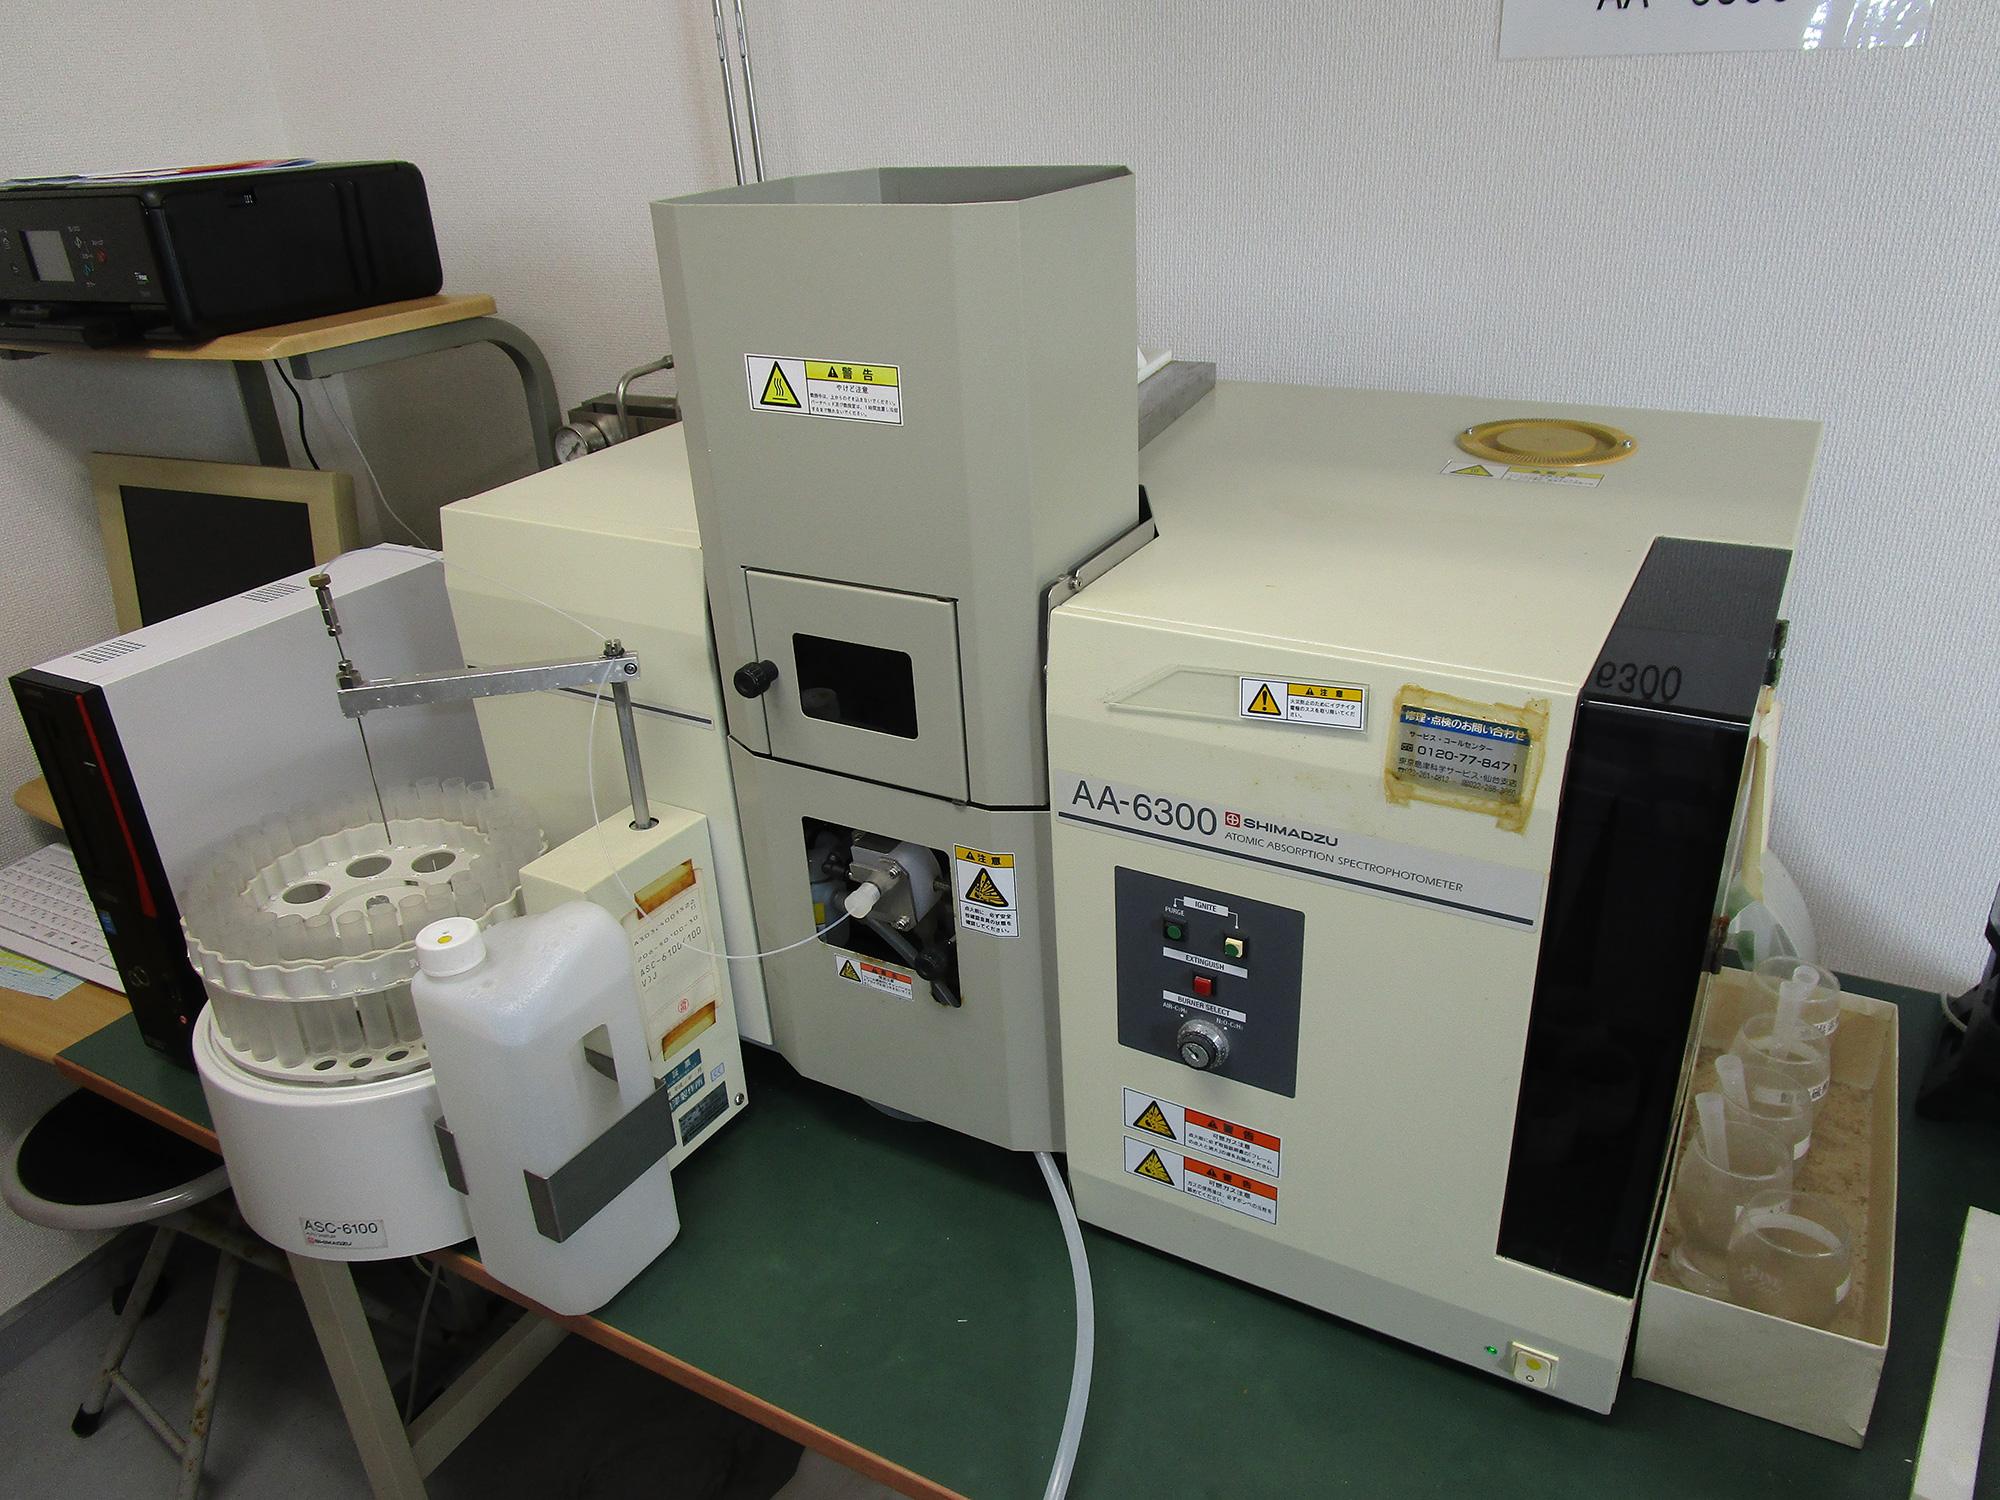 カドミウム測定装置(原子吸光分光光度計)